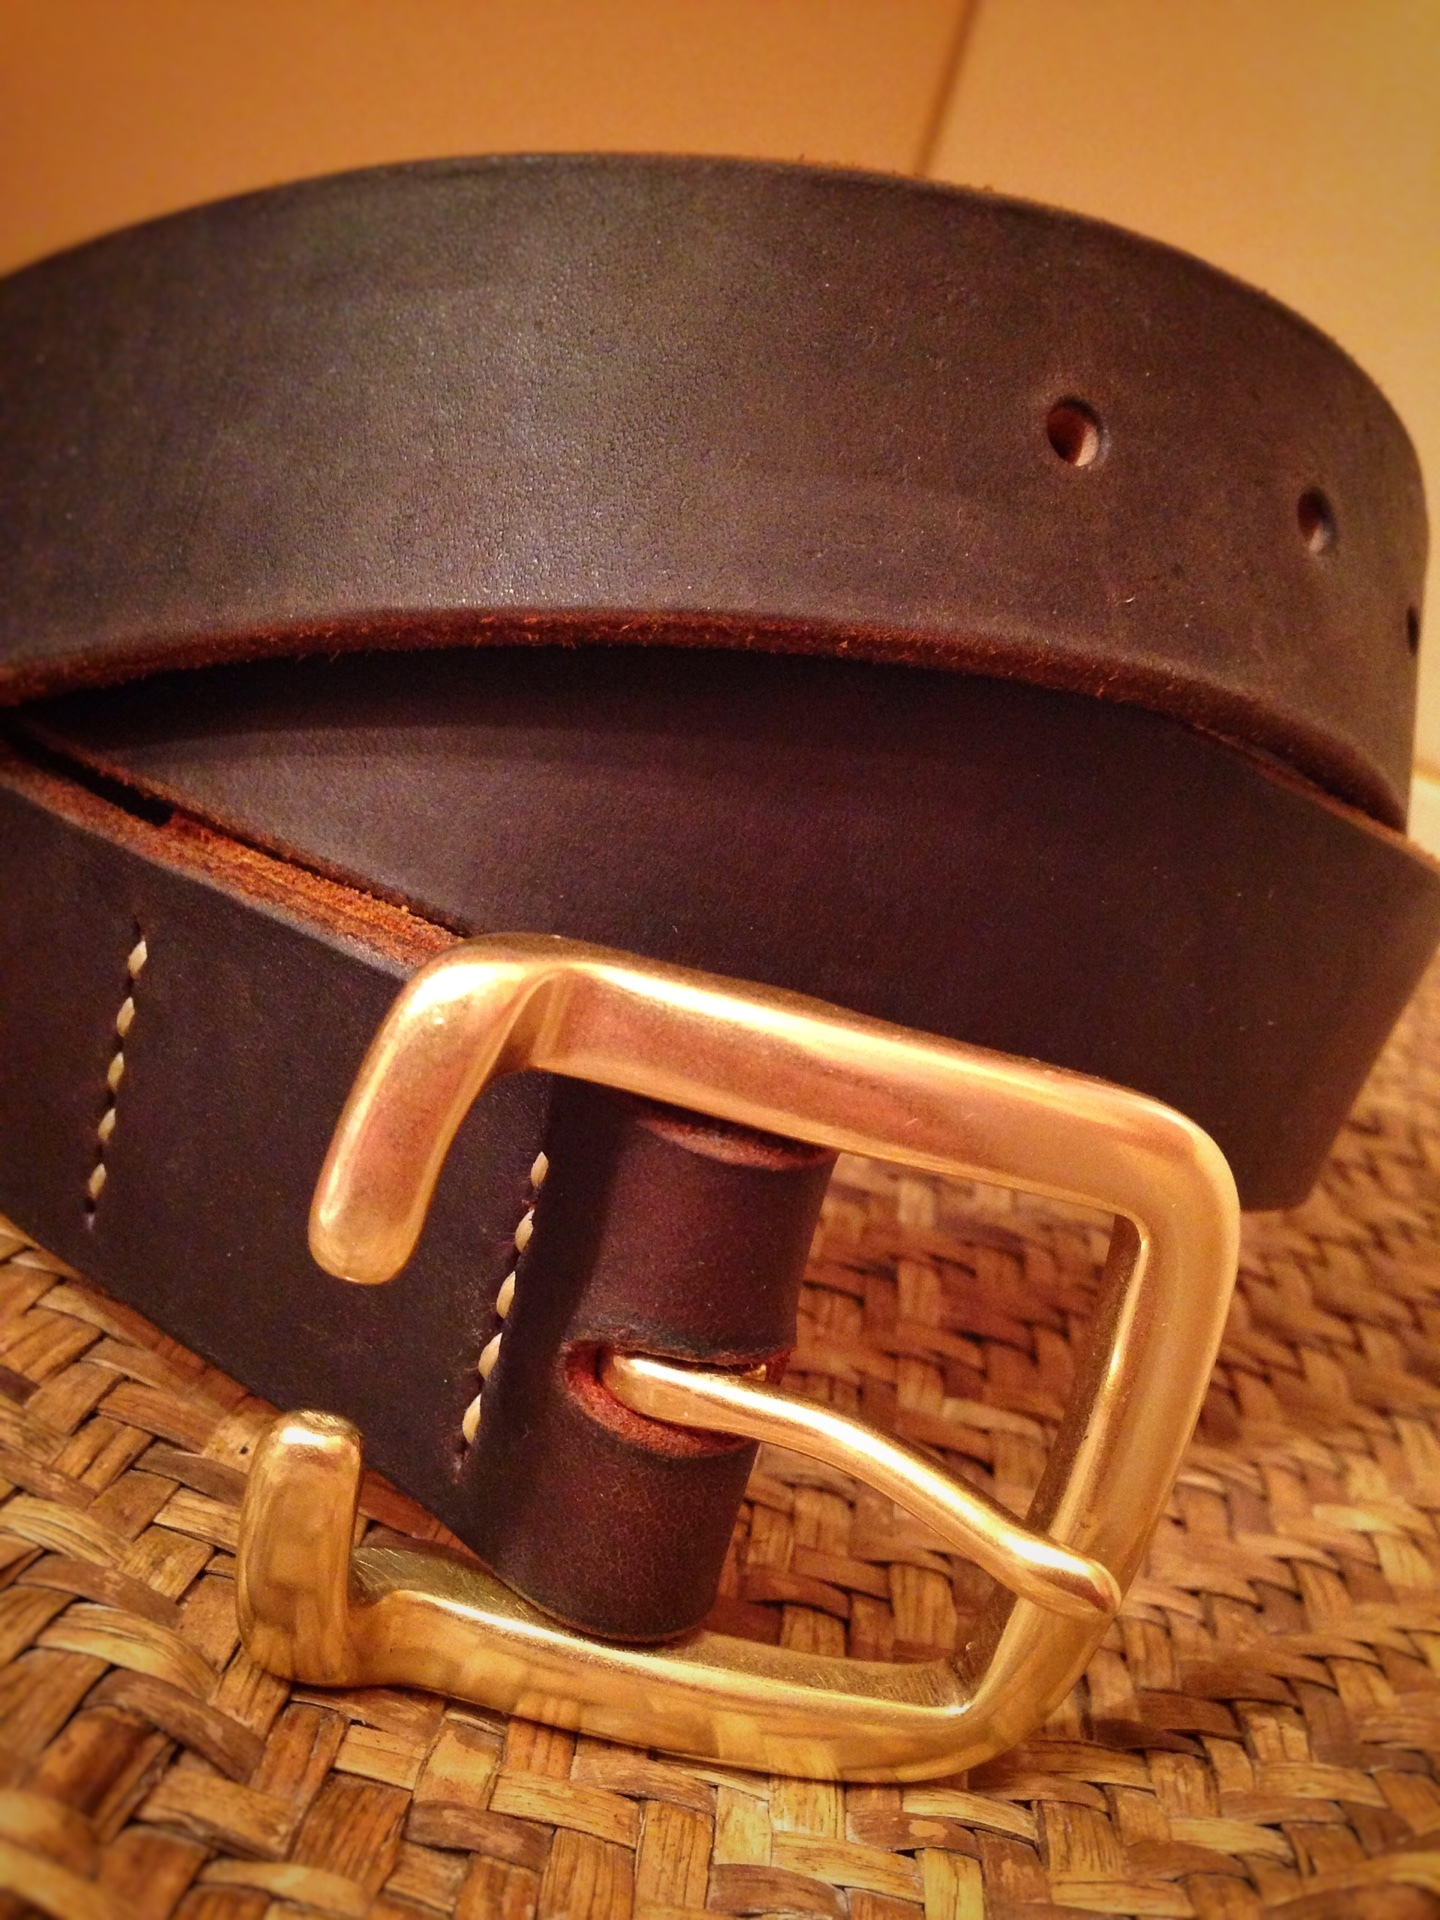 Ремень с толстой пряжкой купить в спб недорого мужской кожаный ремень в